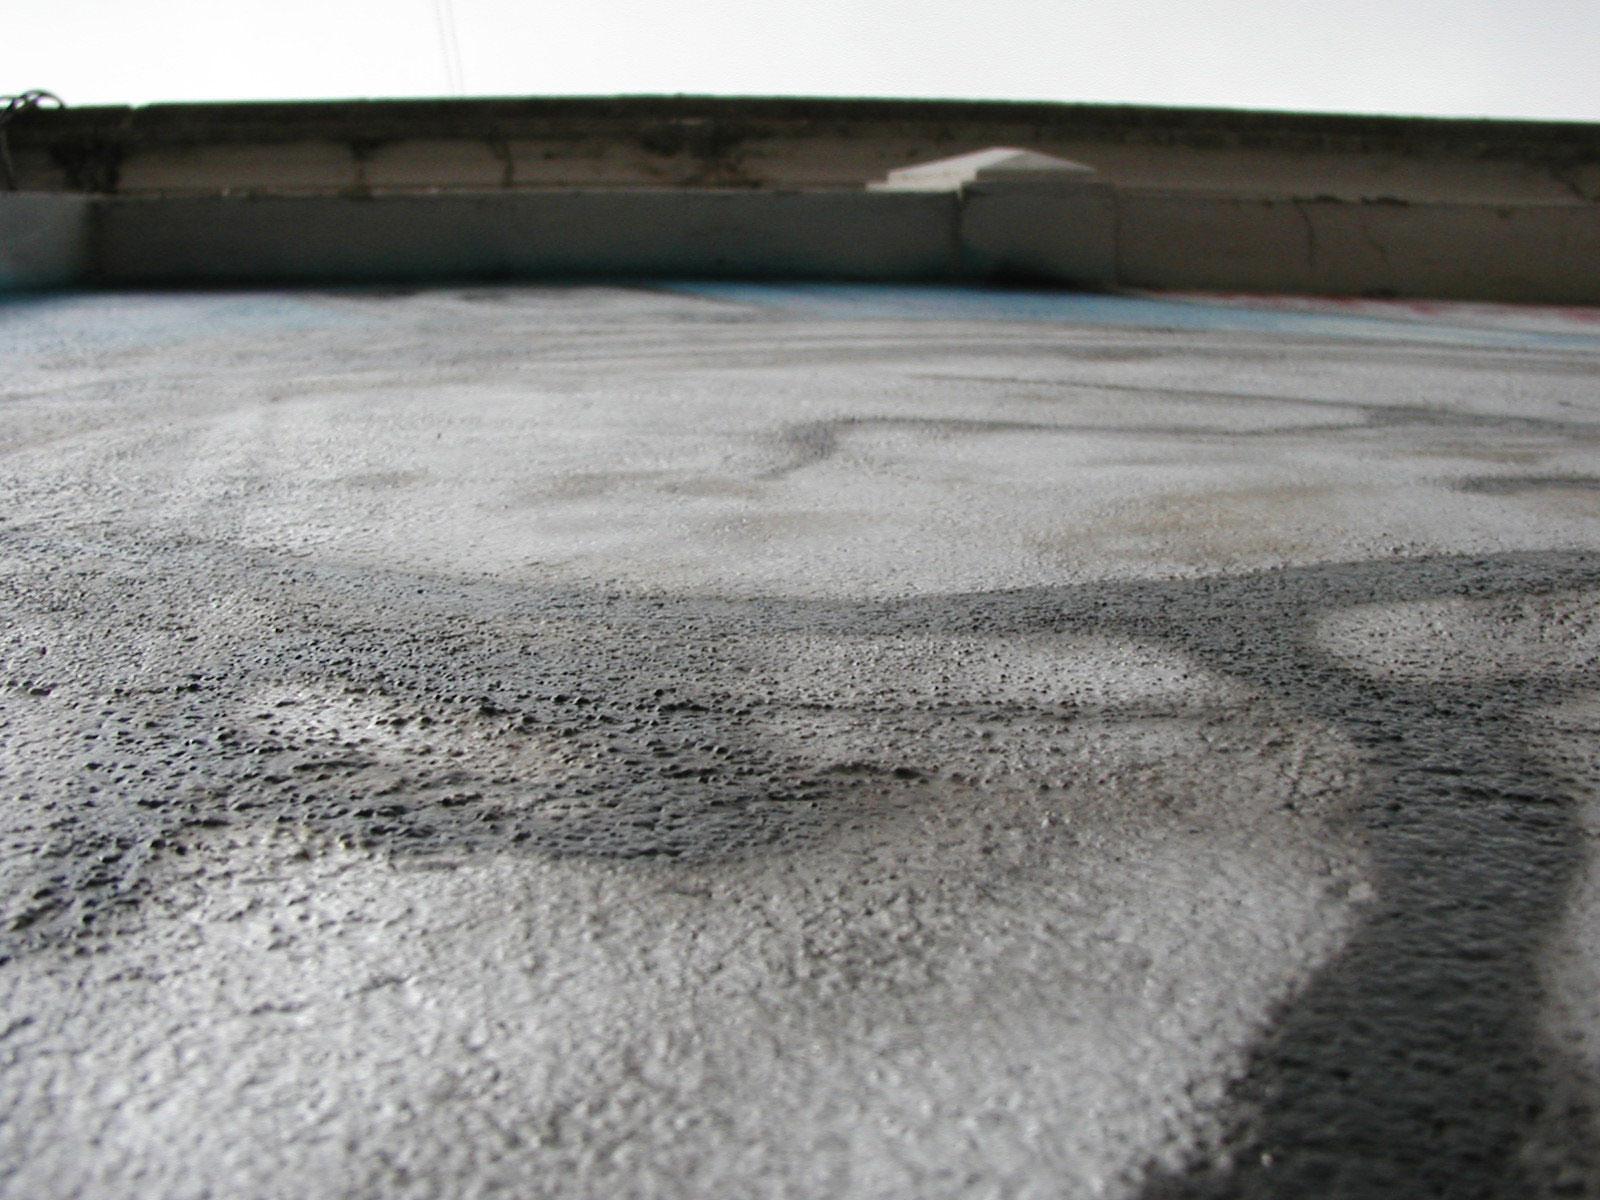 Concrete texture, Abstract, Cement, Concrete, Floor, HQ Photo